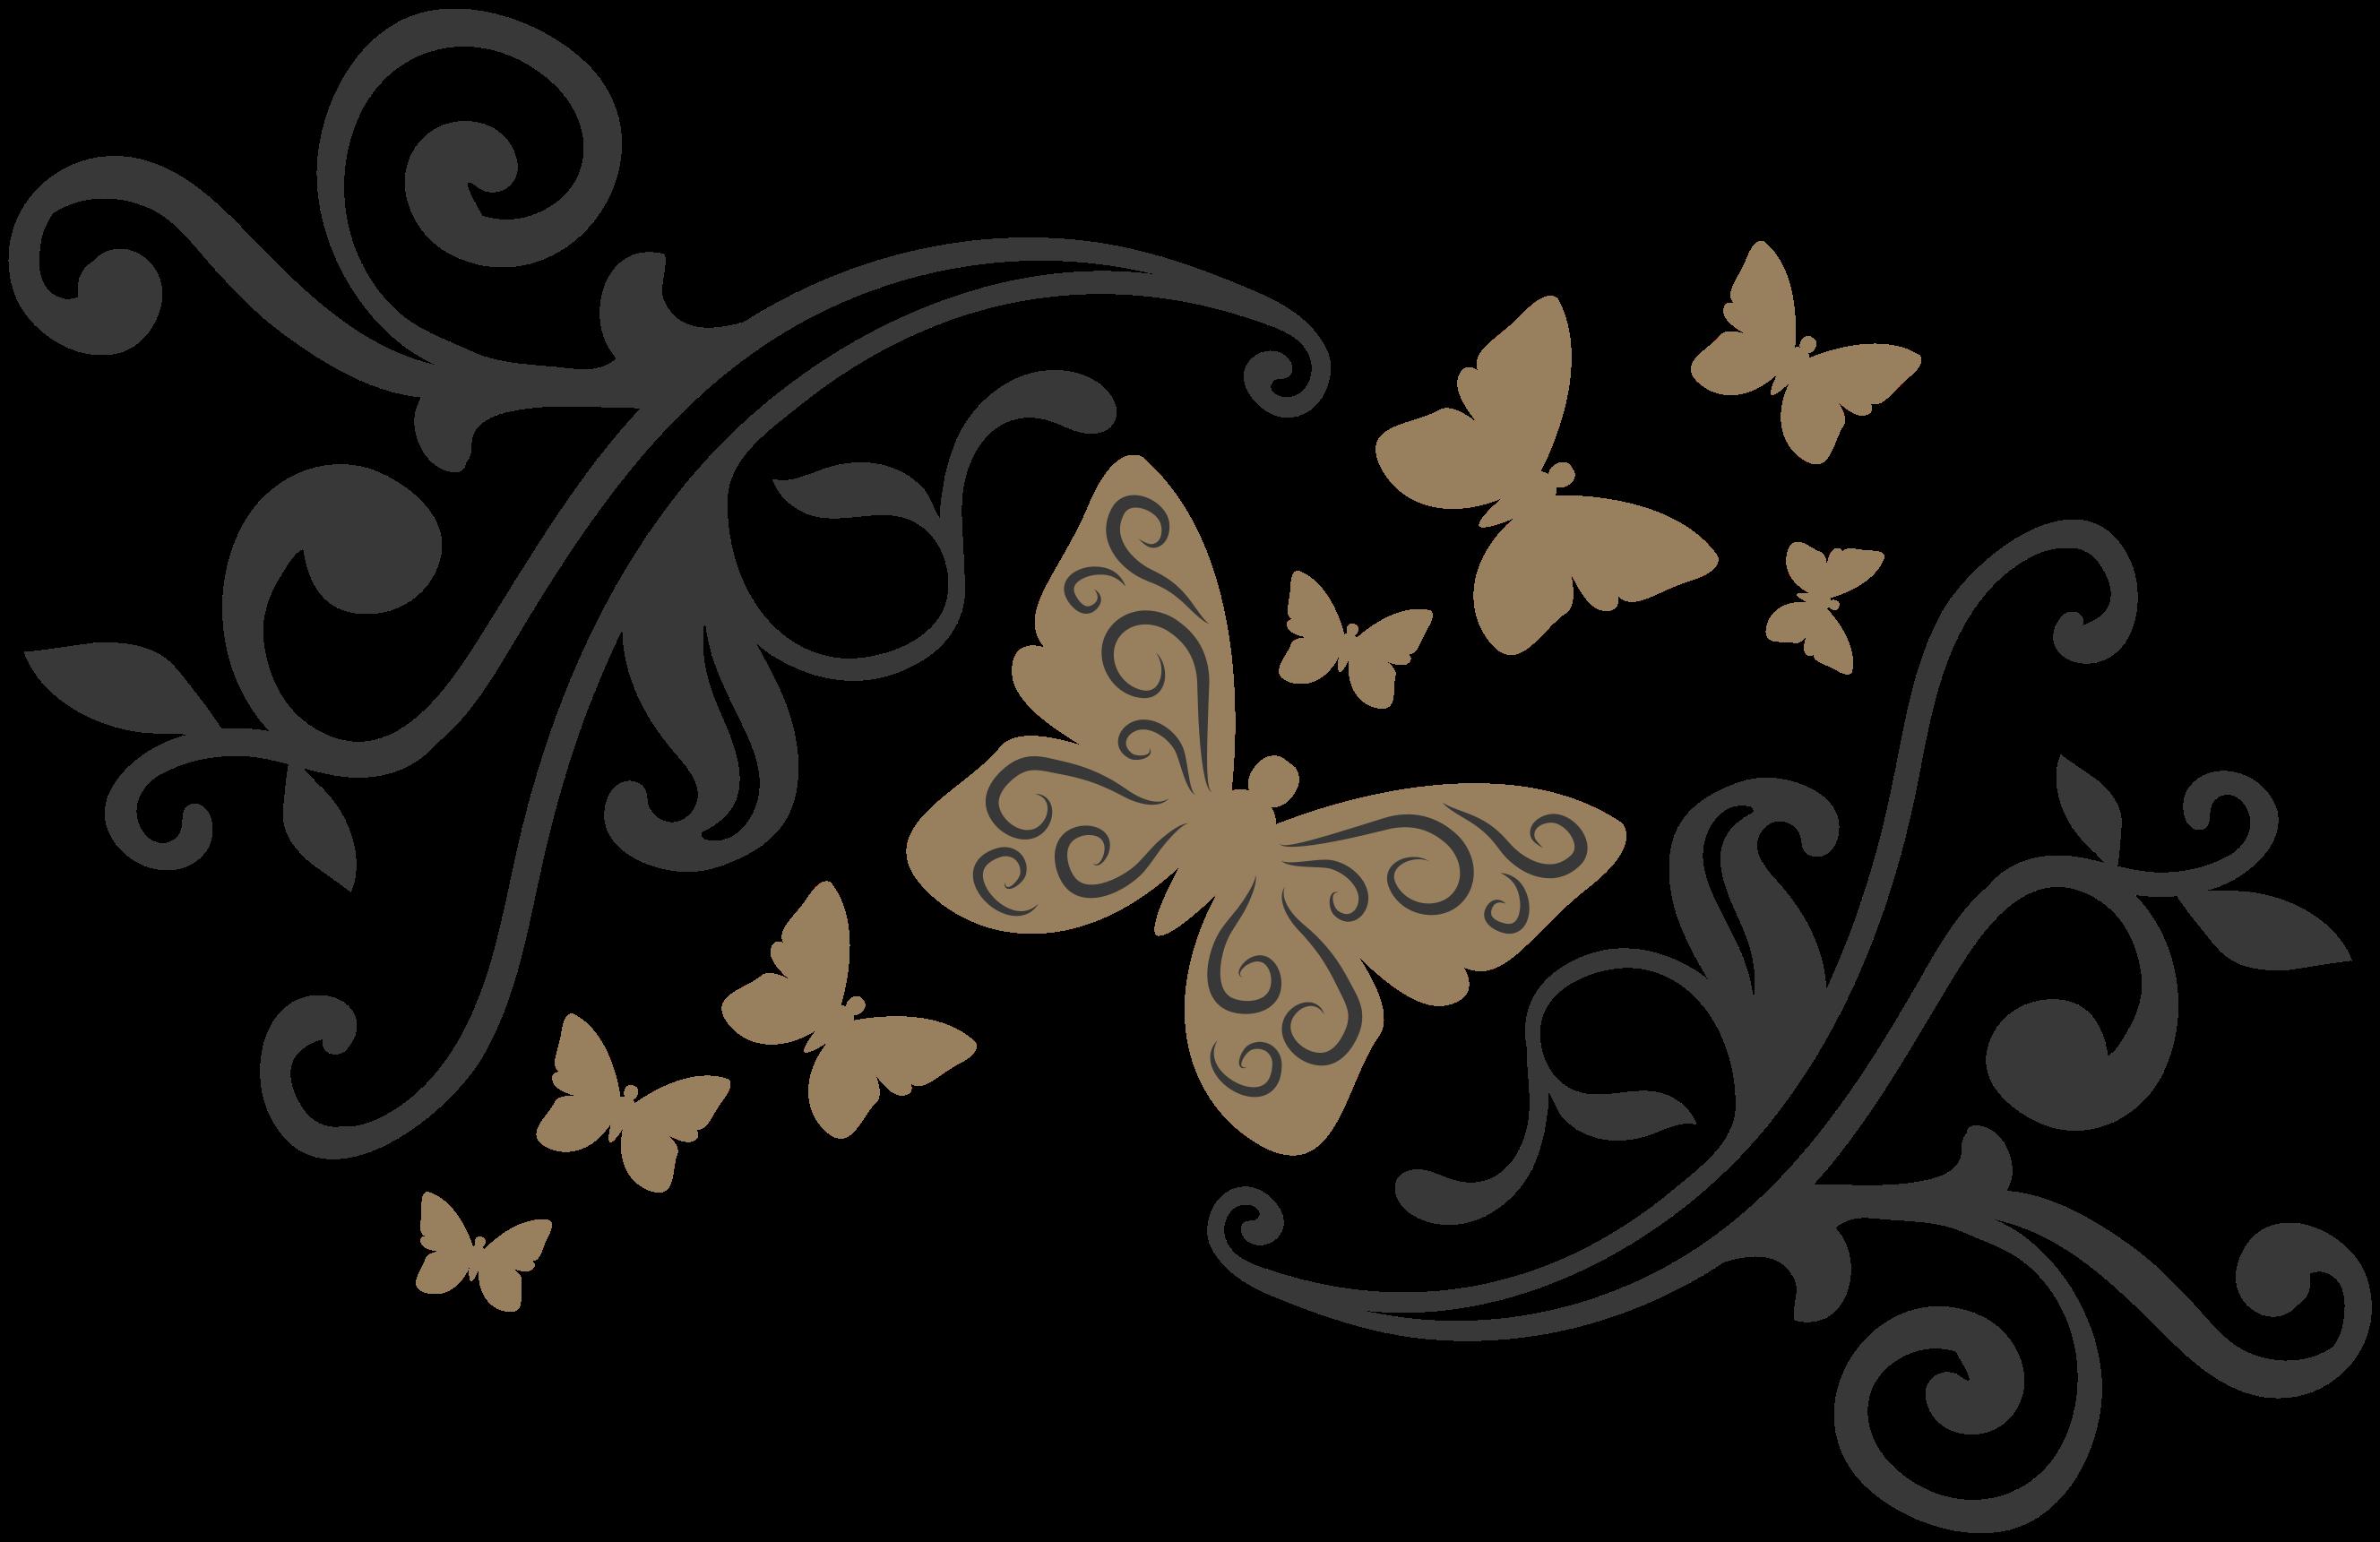 TenVinilo. Vinilo de mariposas elegantes con flores . Vinilo de mariposas elegantes con flores ornamentales para que decores tu salón, comedor o cuarto de forma exclusiva ¡Descuentos disponibles!